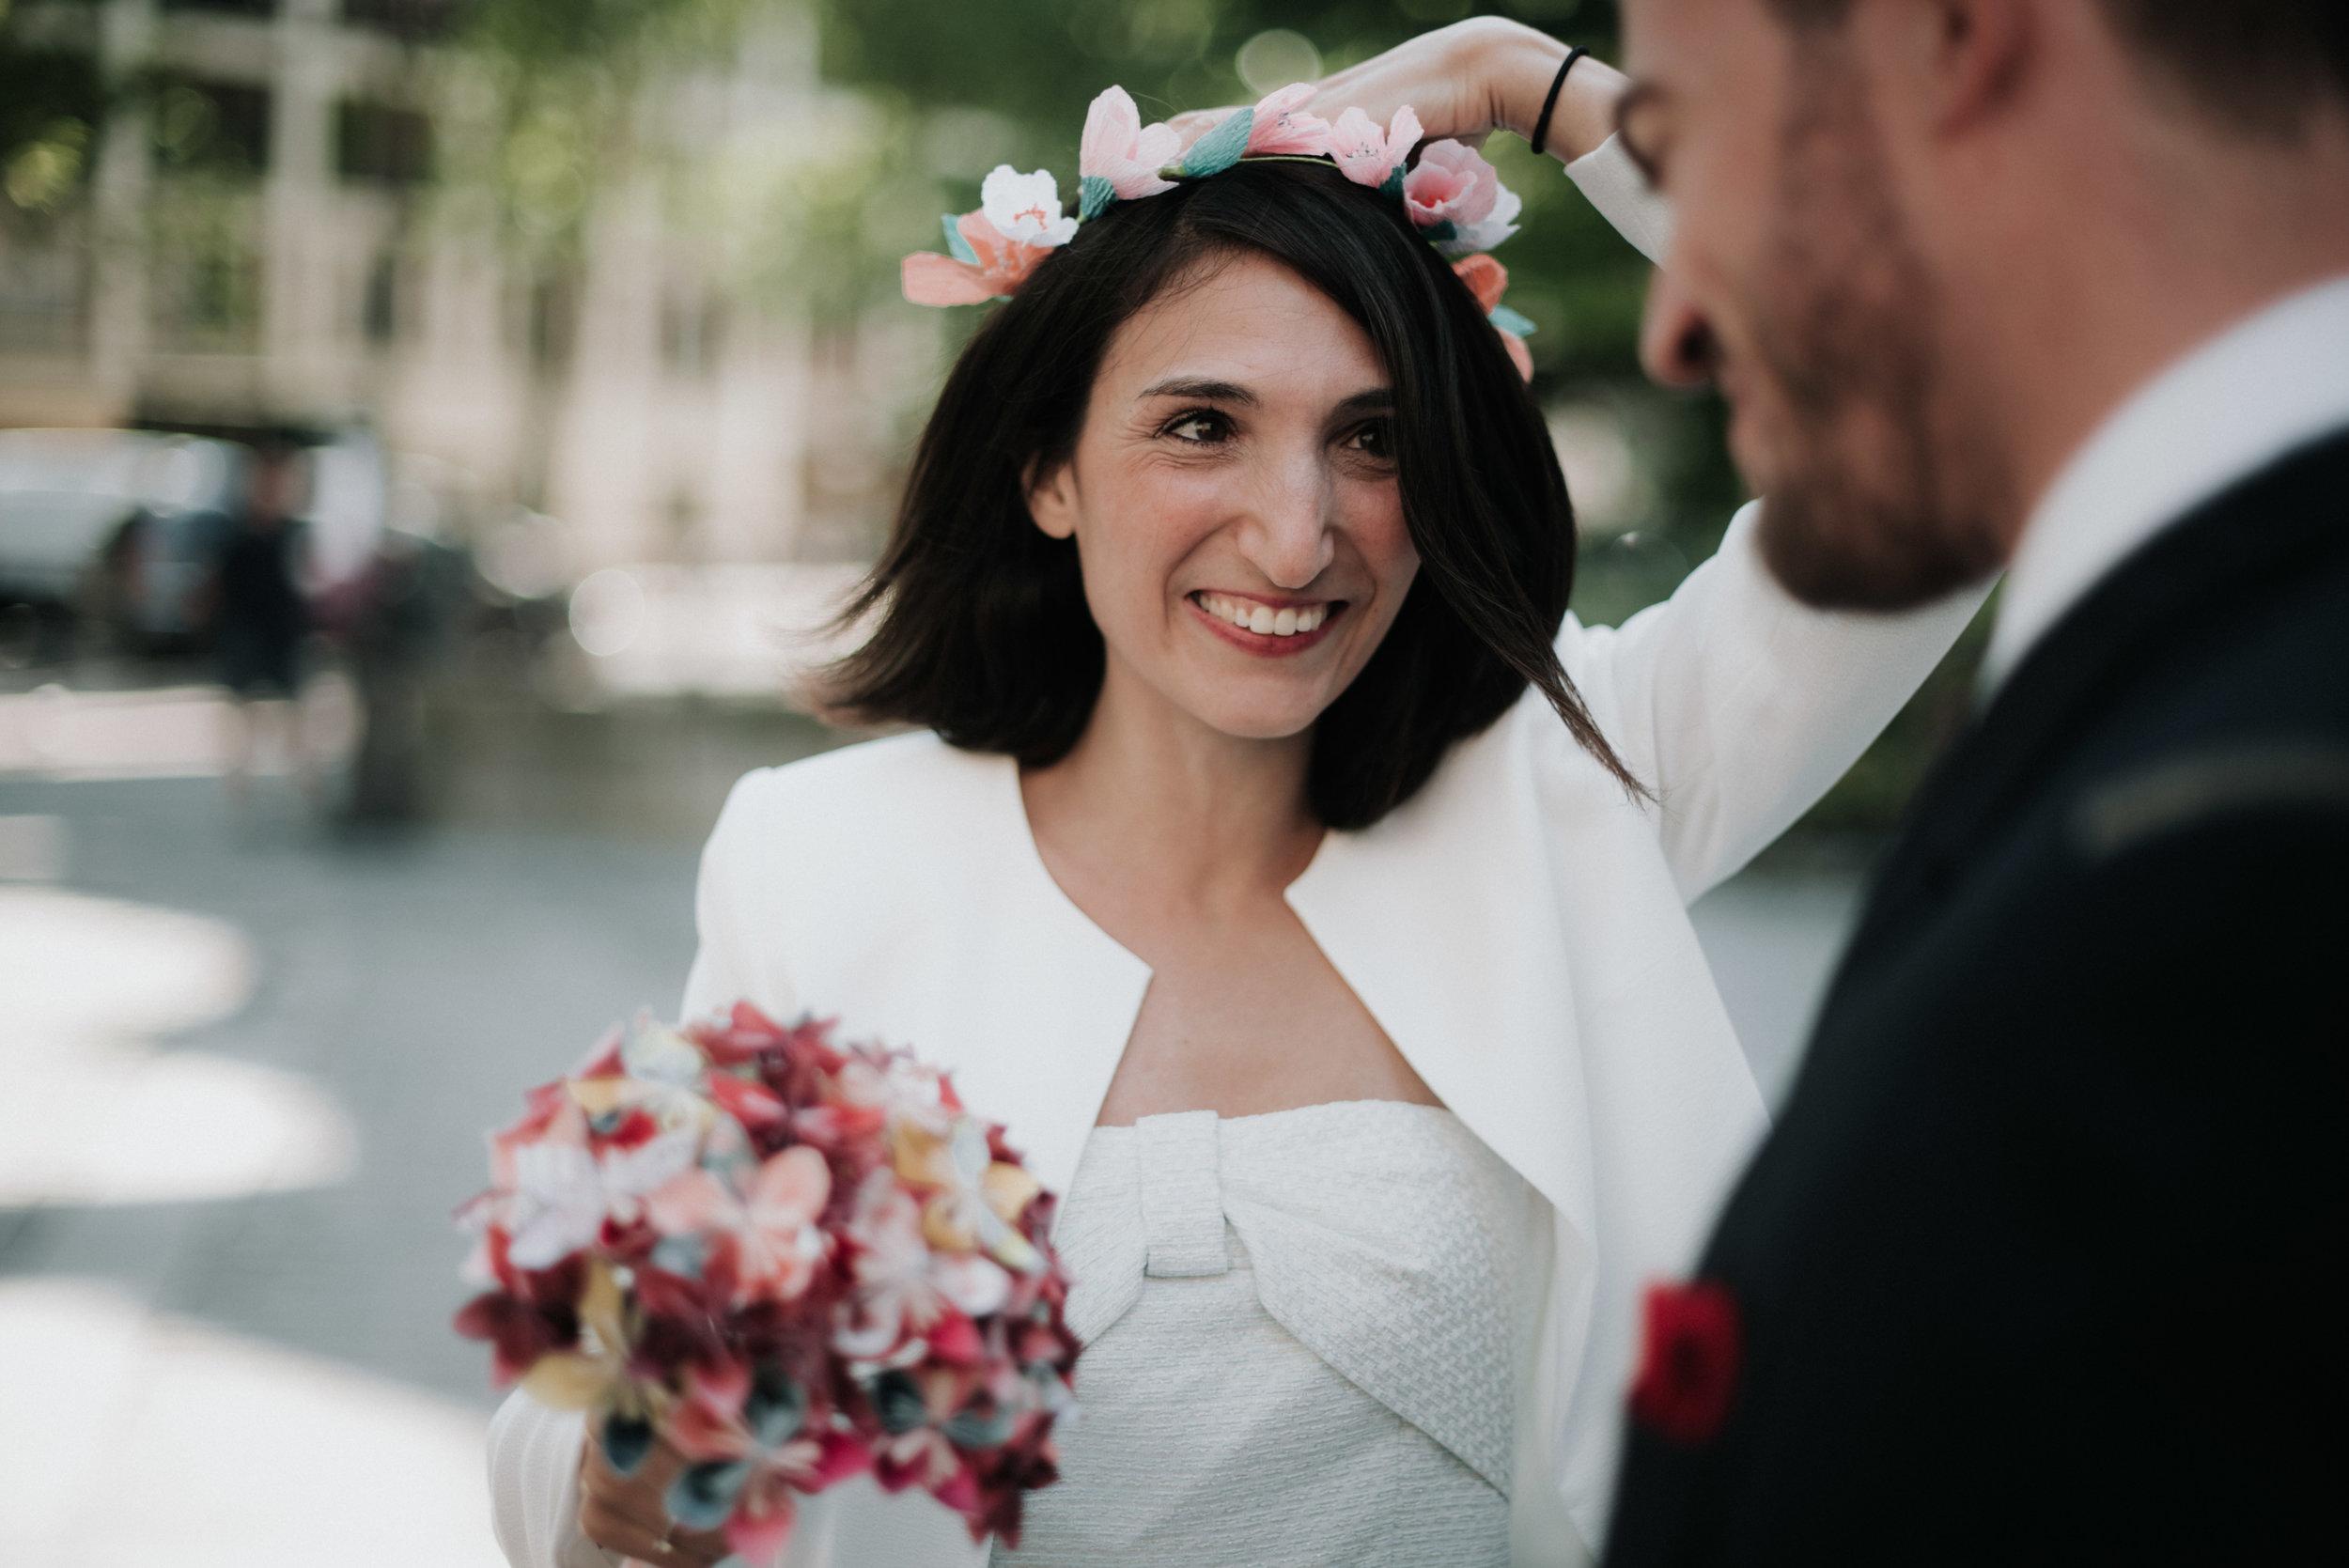 Léa-Fery-photographe-professionnel-lyon-rhone-alpes-portrait-creation-mariage-evenement-evenementiel-famille-4480.jpg